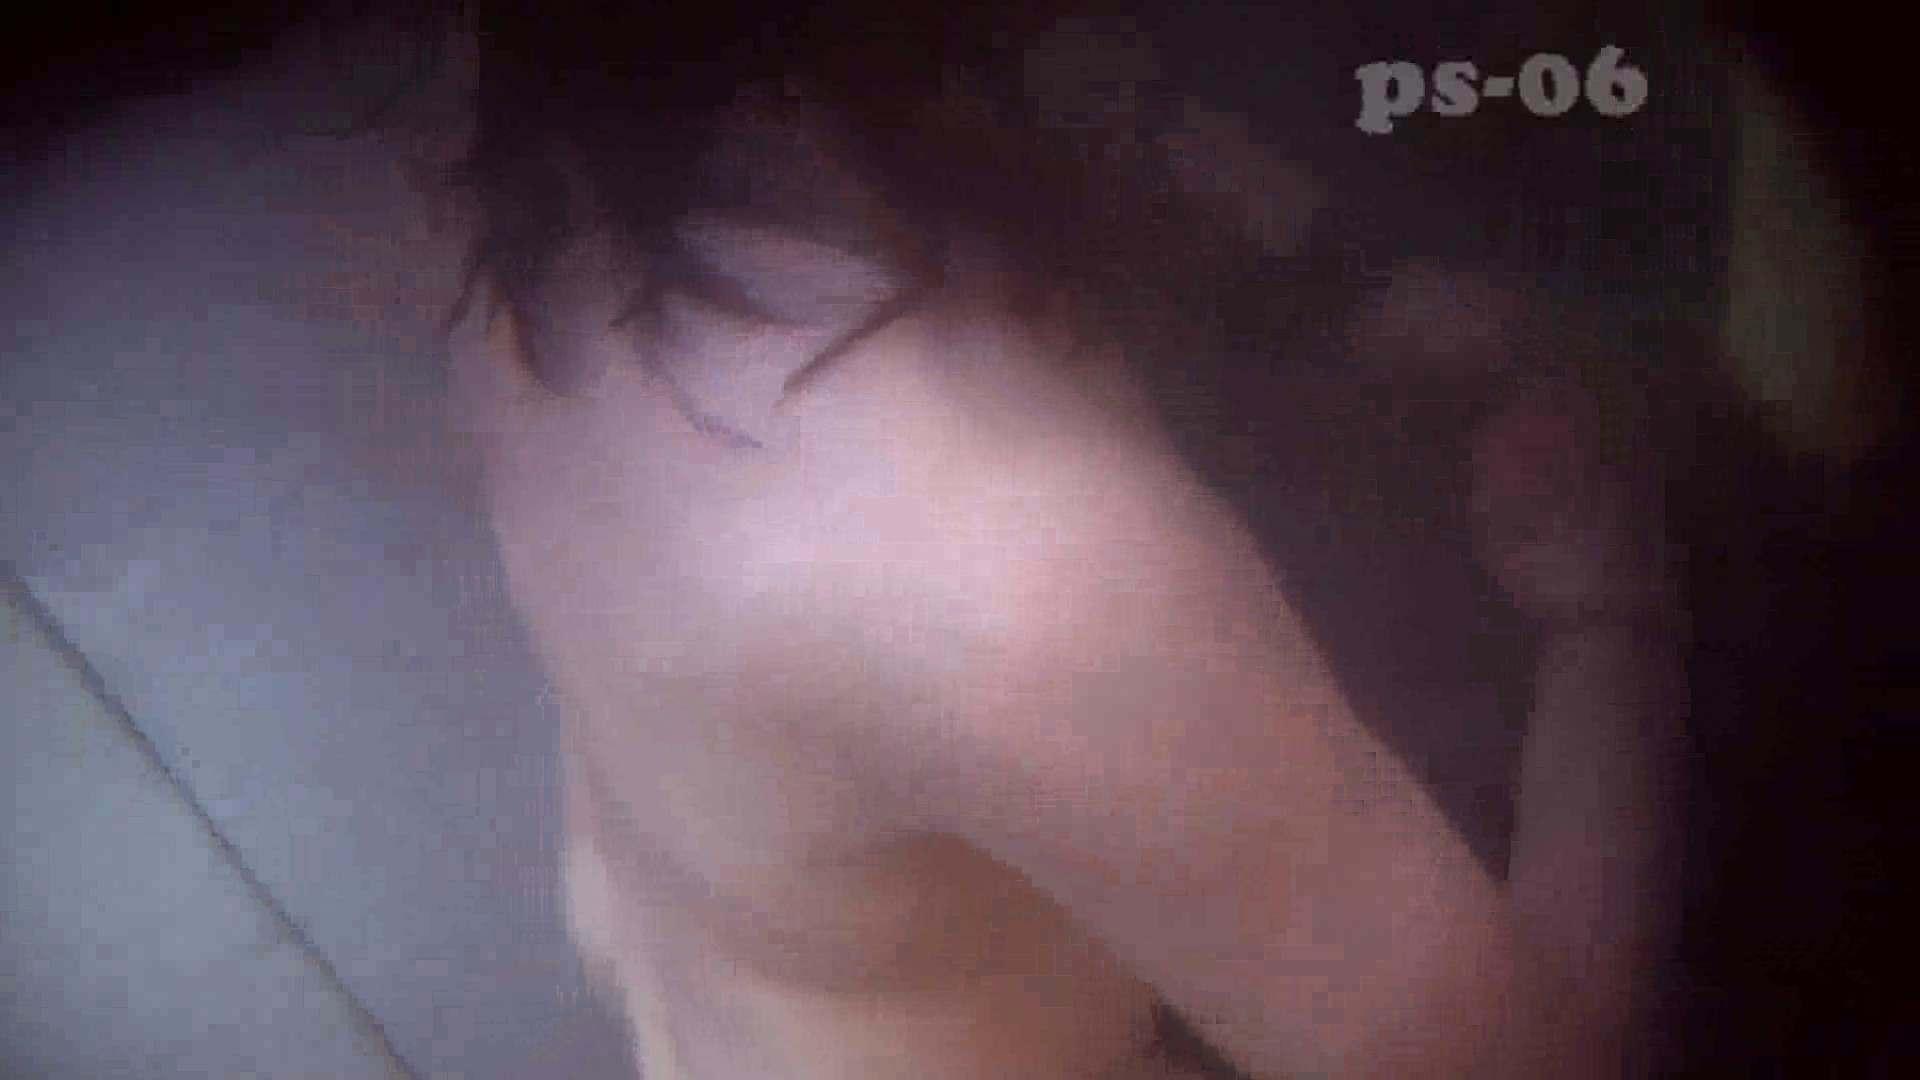 シャワールームは危険な香りVol.6(ハイビジョンサンプル版) 盗撮編  99枚 80